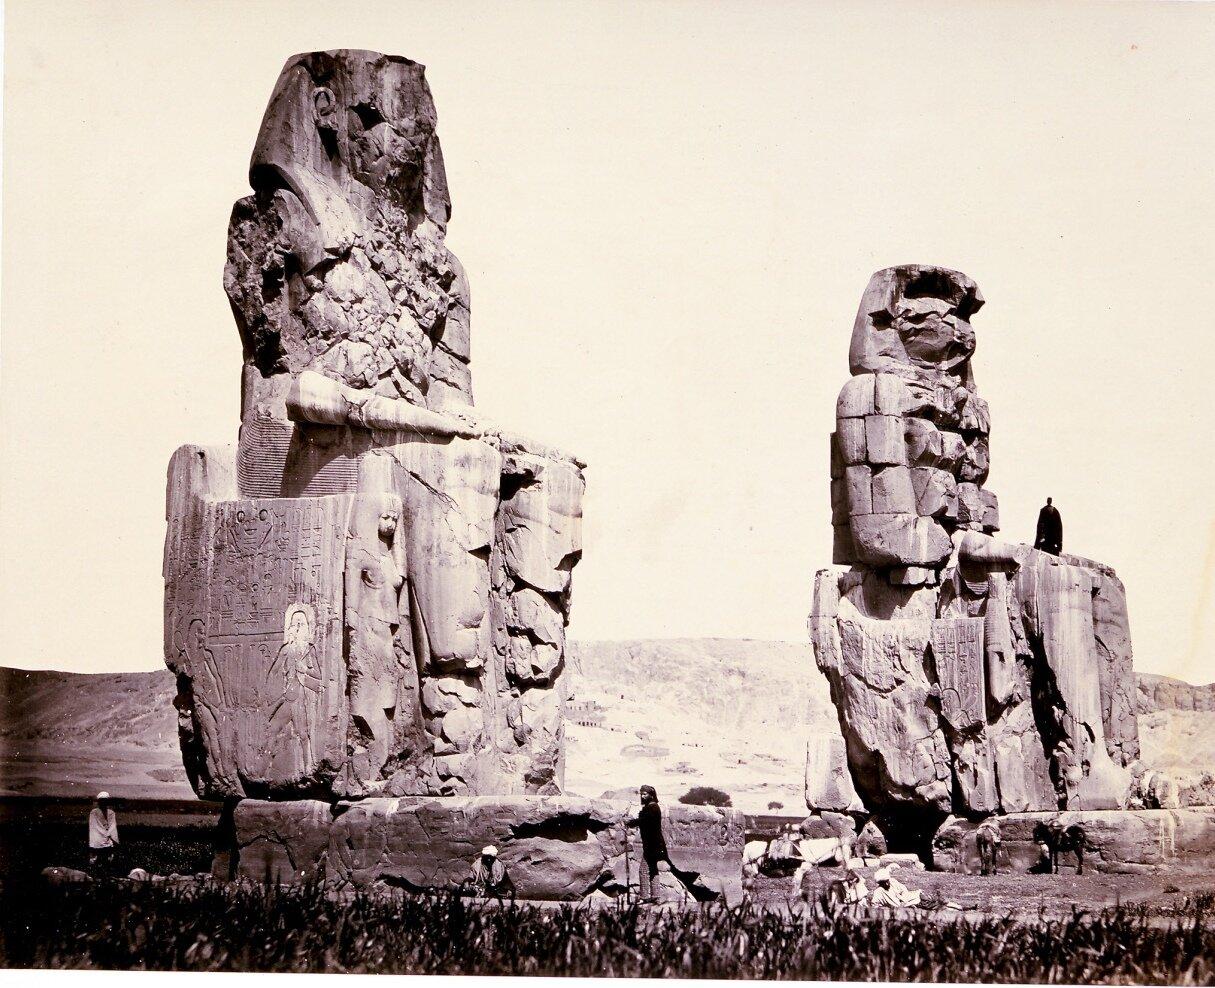 Фивы. Колоссы на равнине. 1858